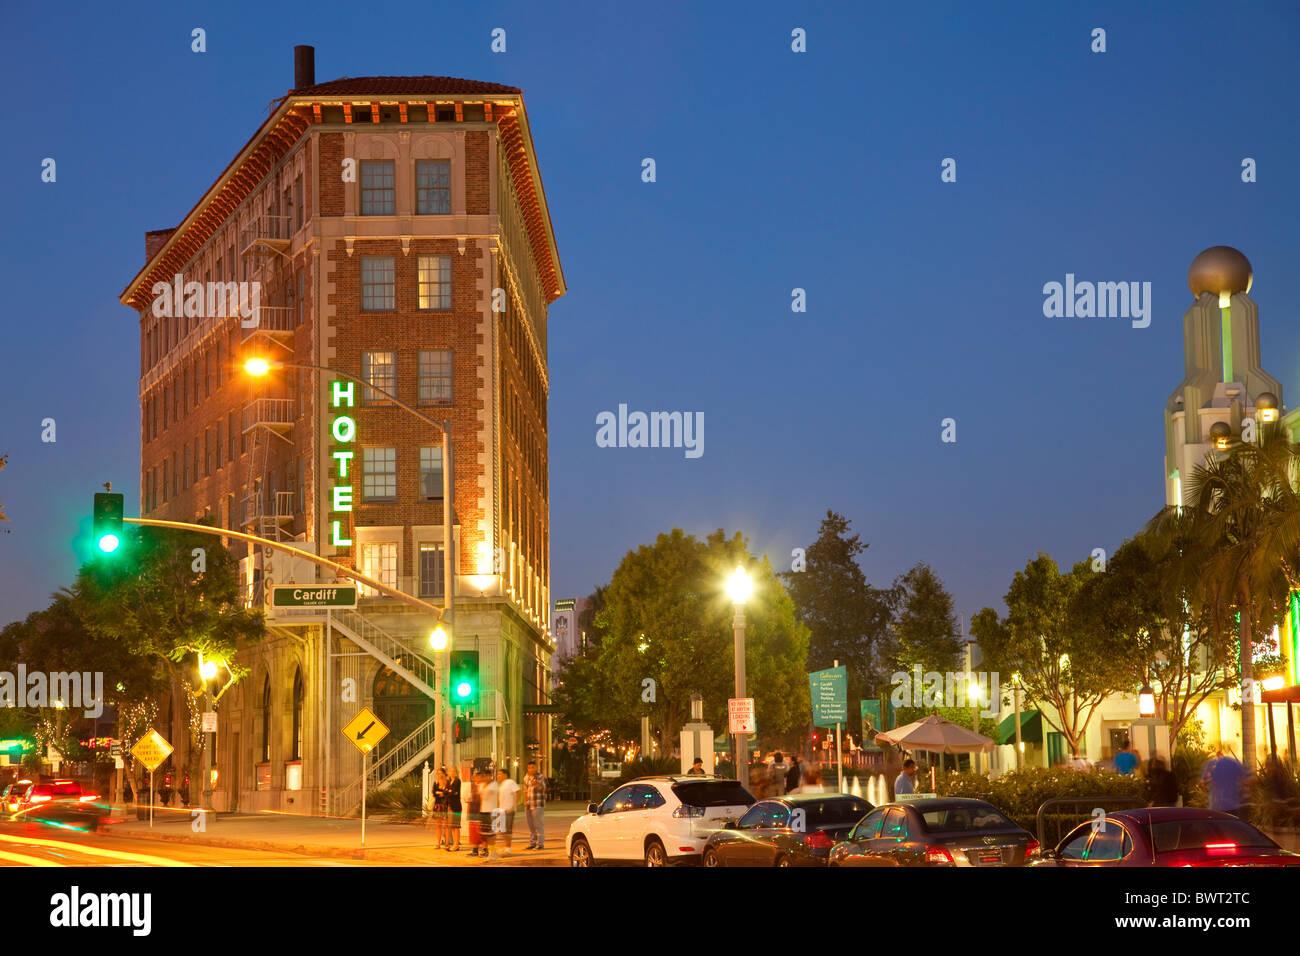 Hotels In Culver City Los Angeles